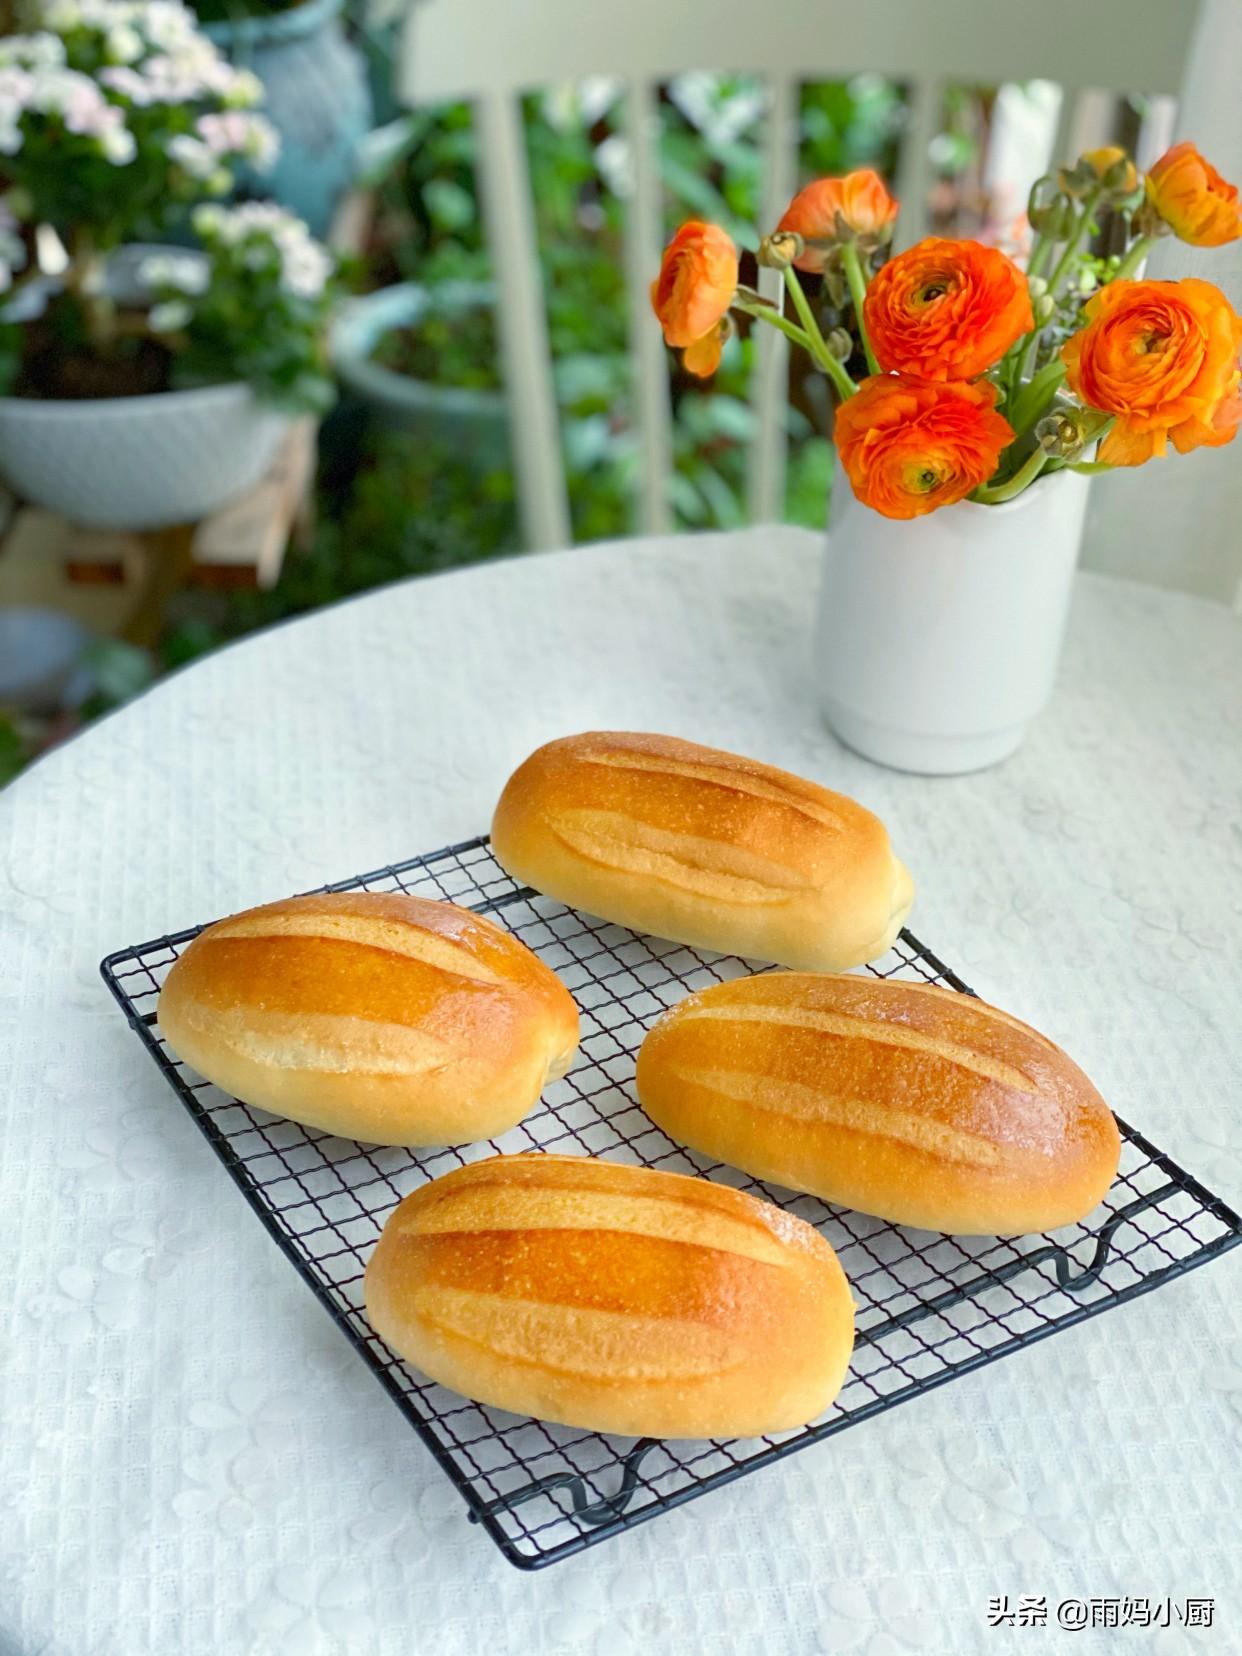 春天愛吃的早餐,奶香濃郁的牛奶哈斯早餐包,香氣四溢又鬆軟